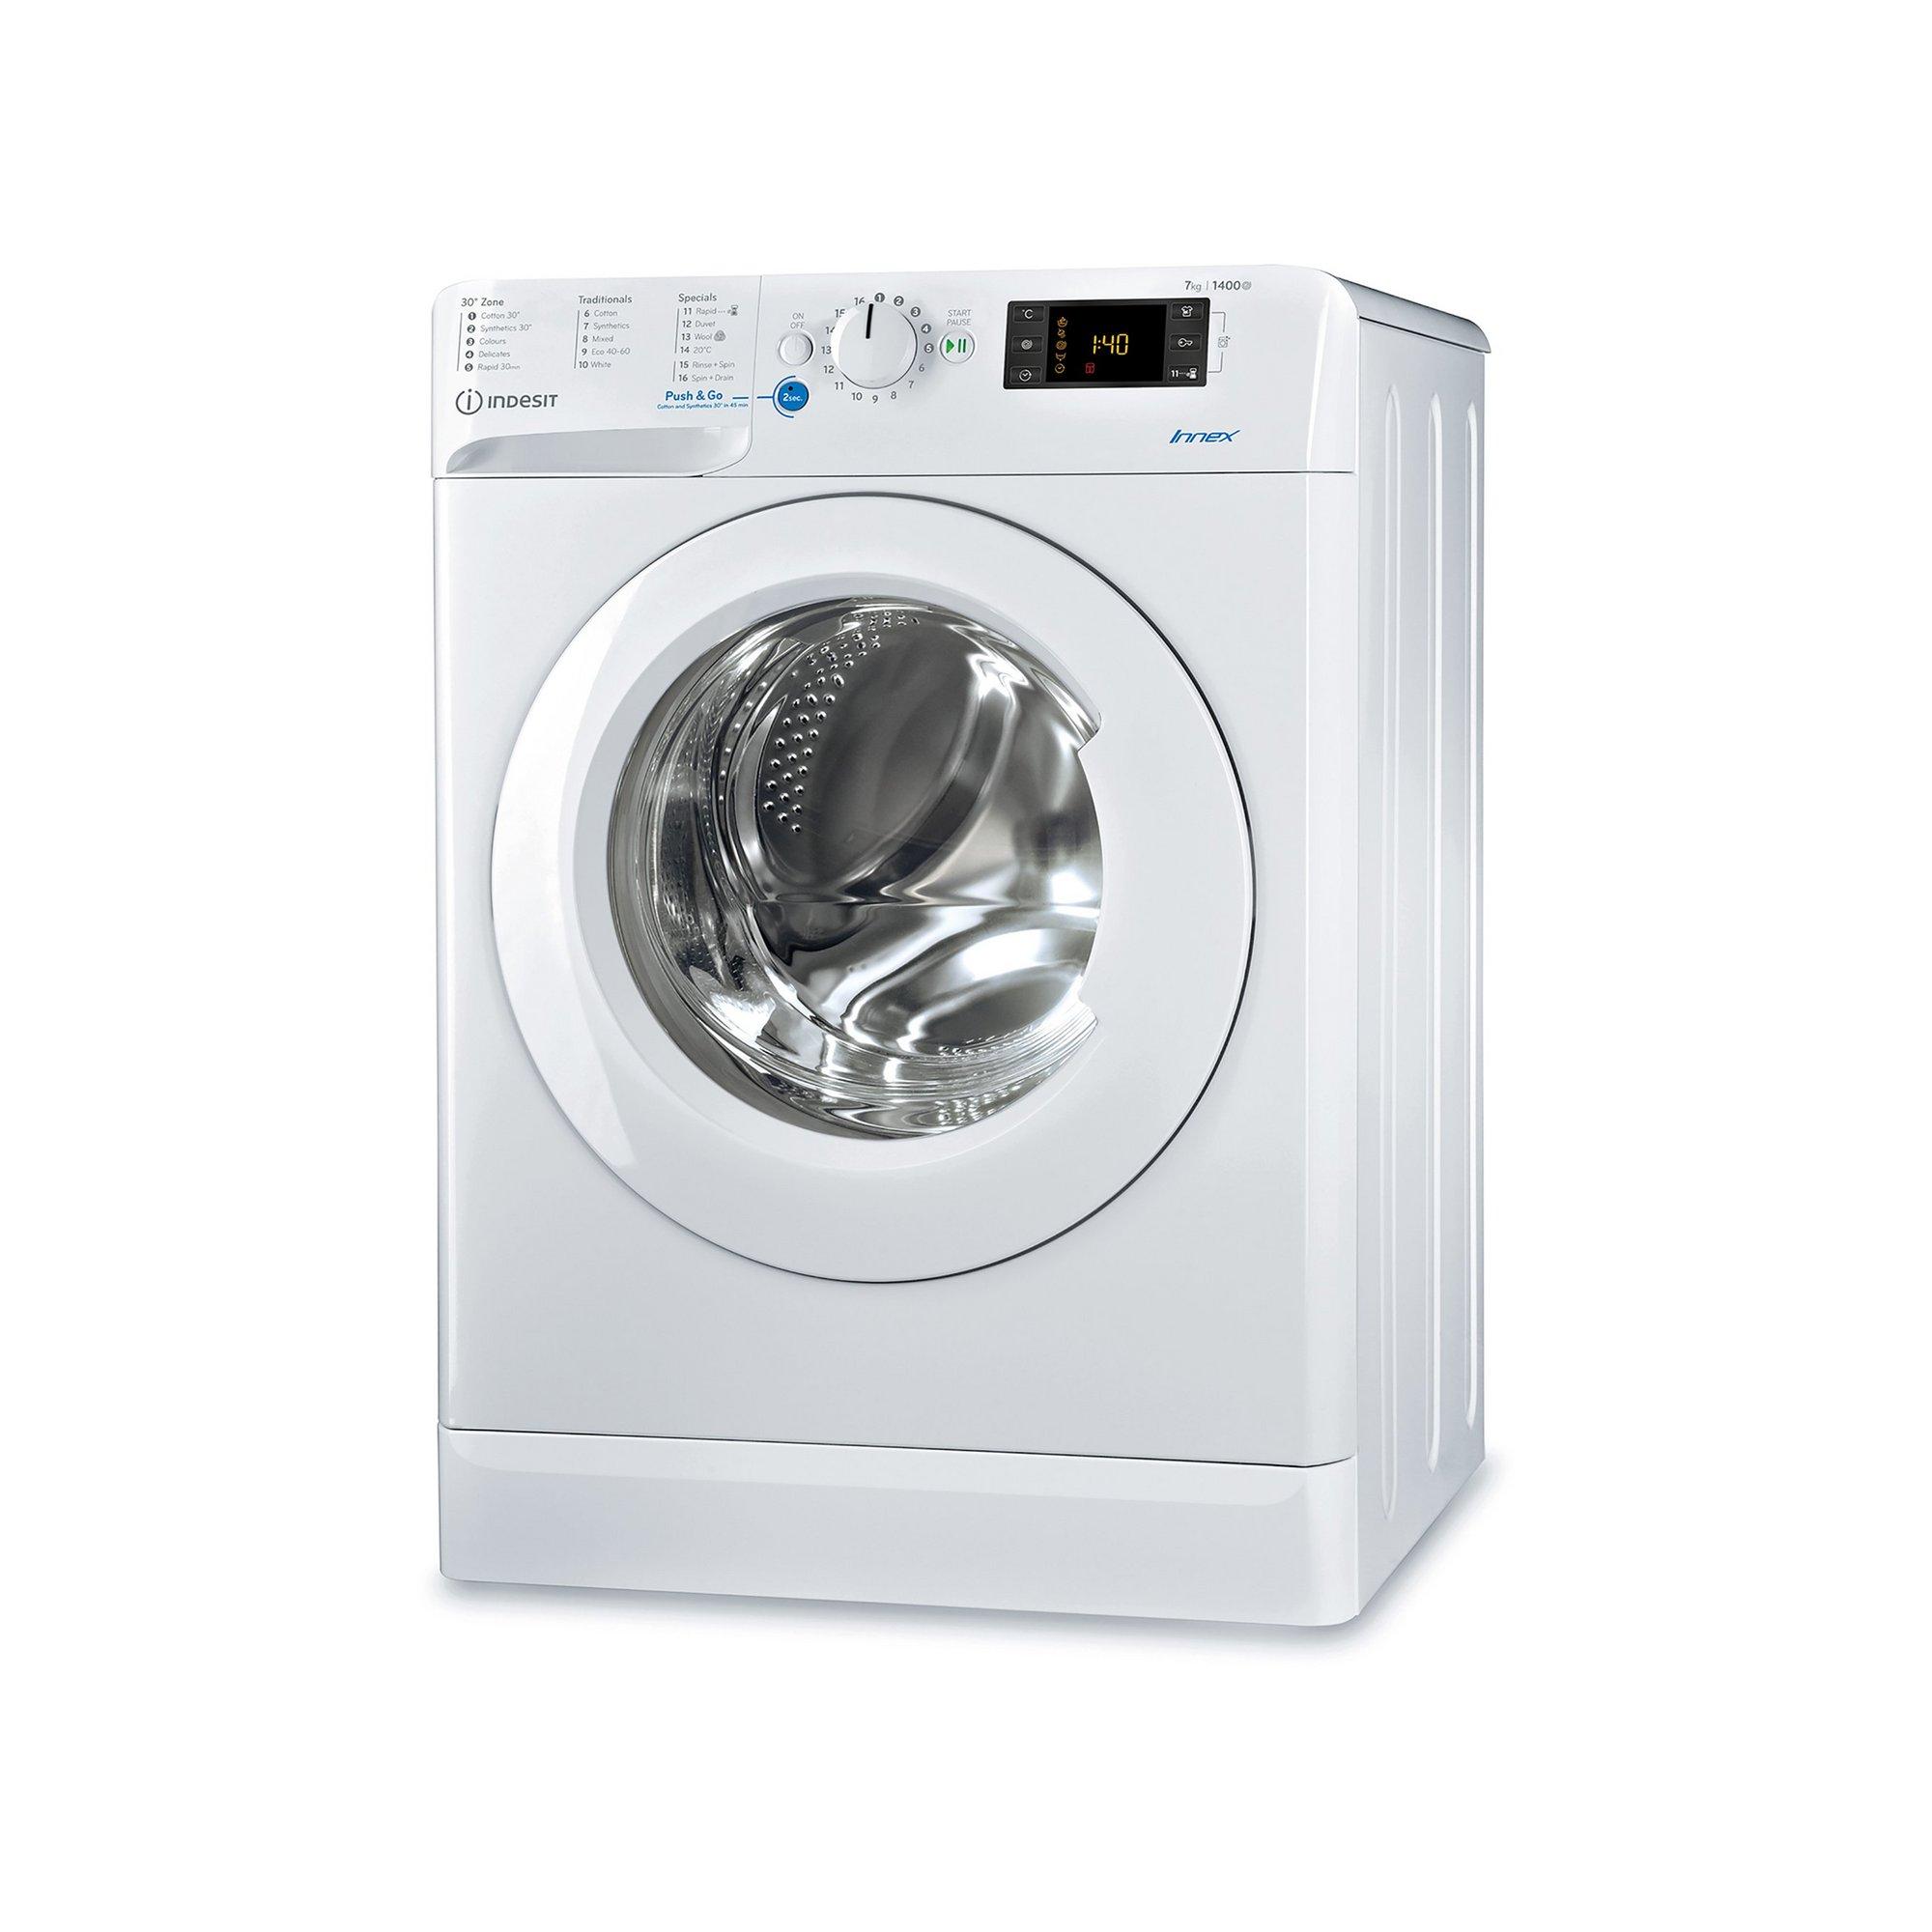 Image of Indesit 7kg 1400 Spin Washing Machine